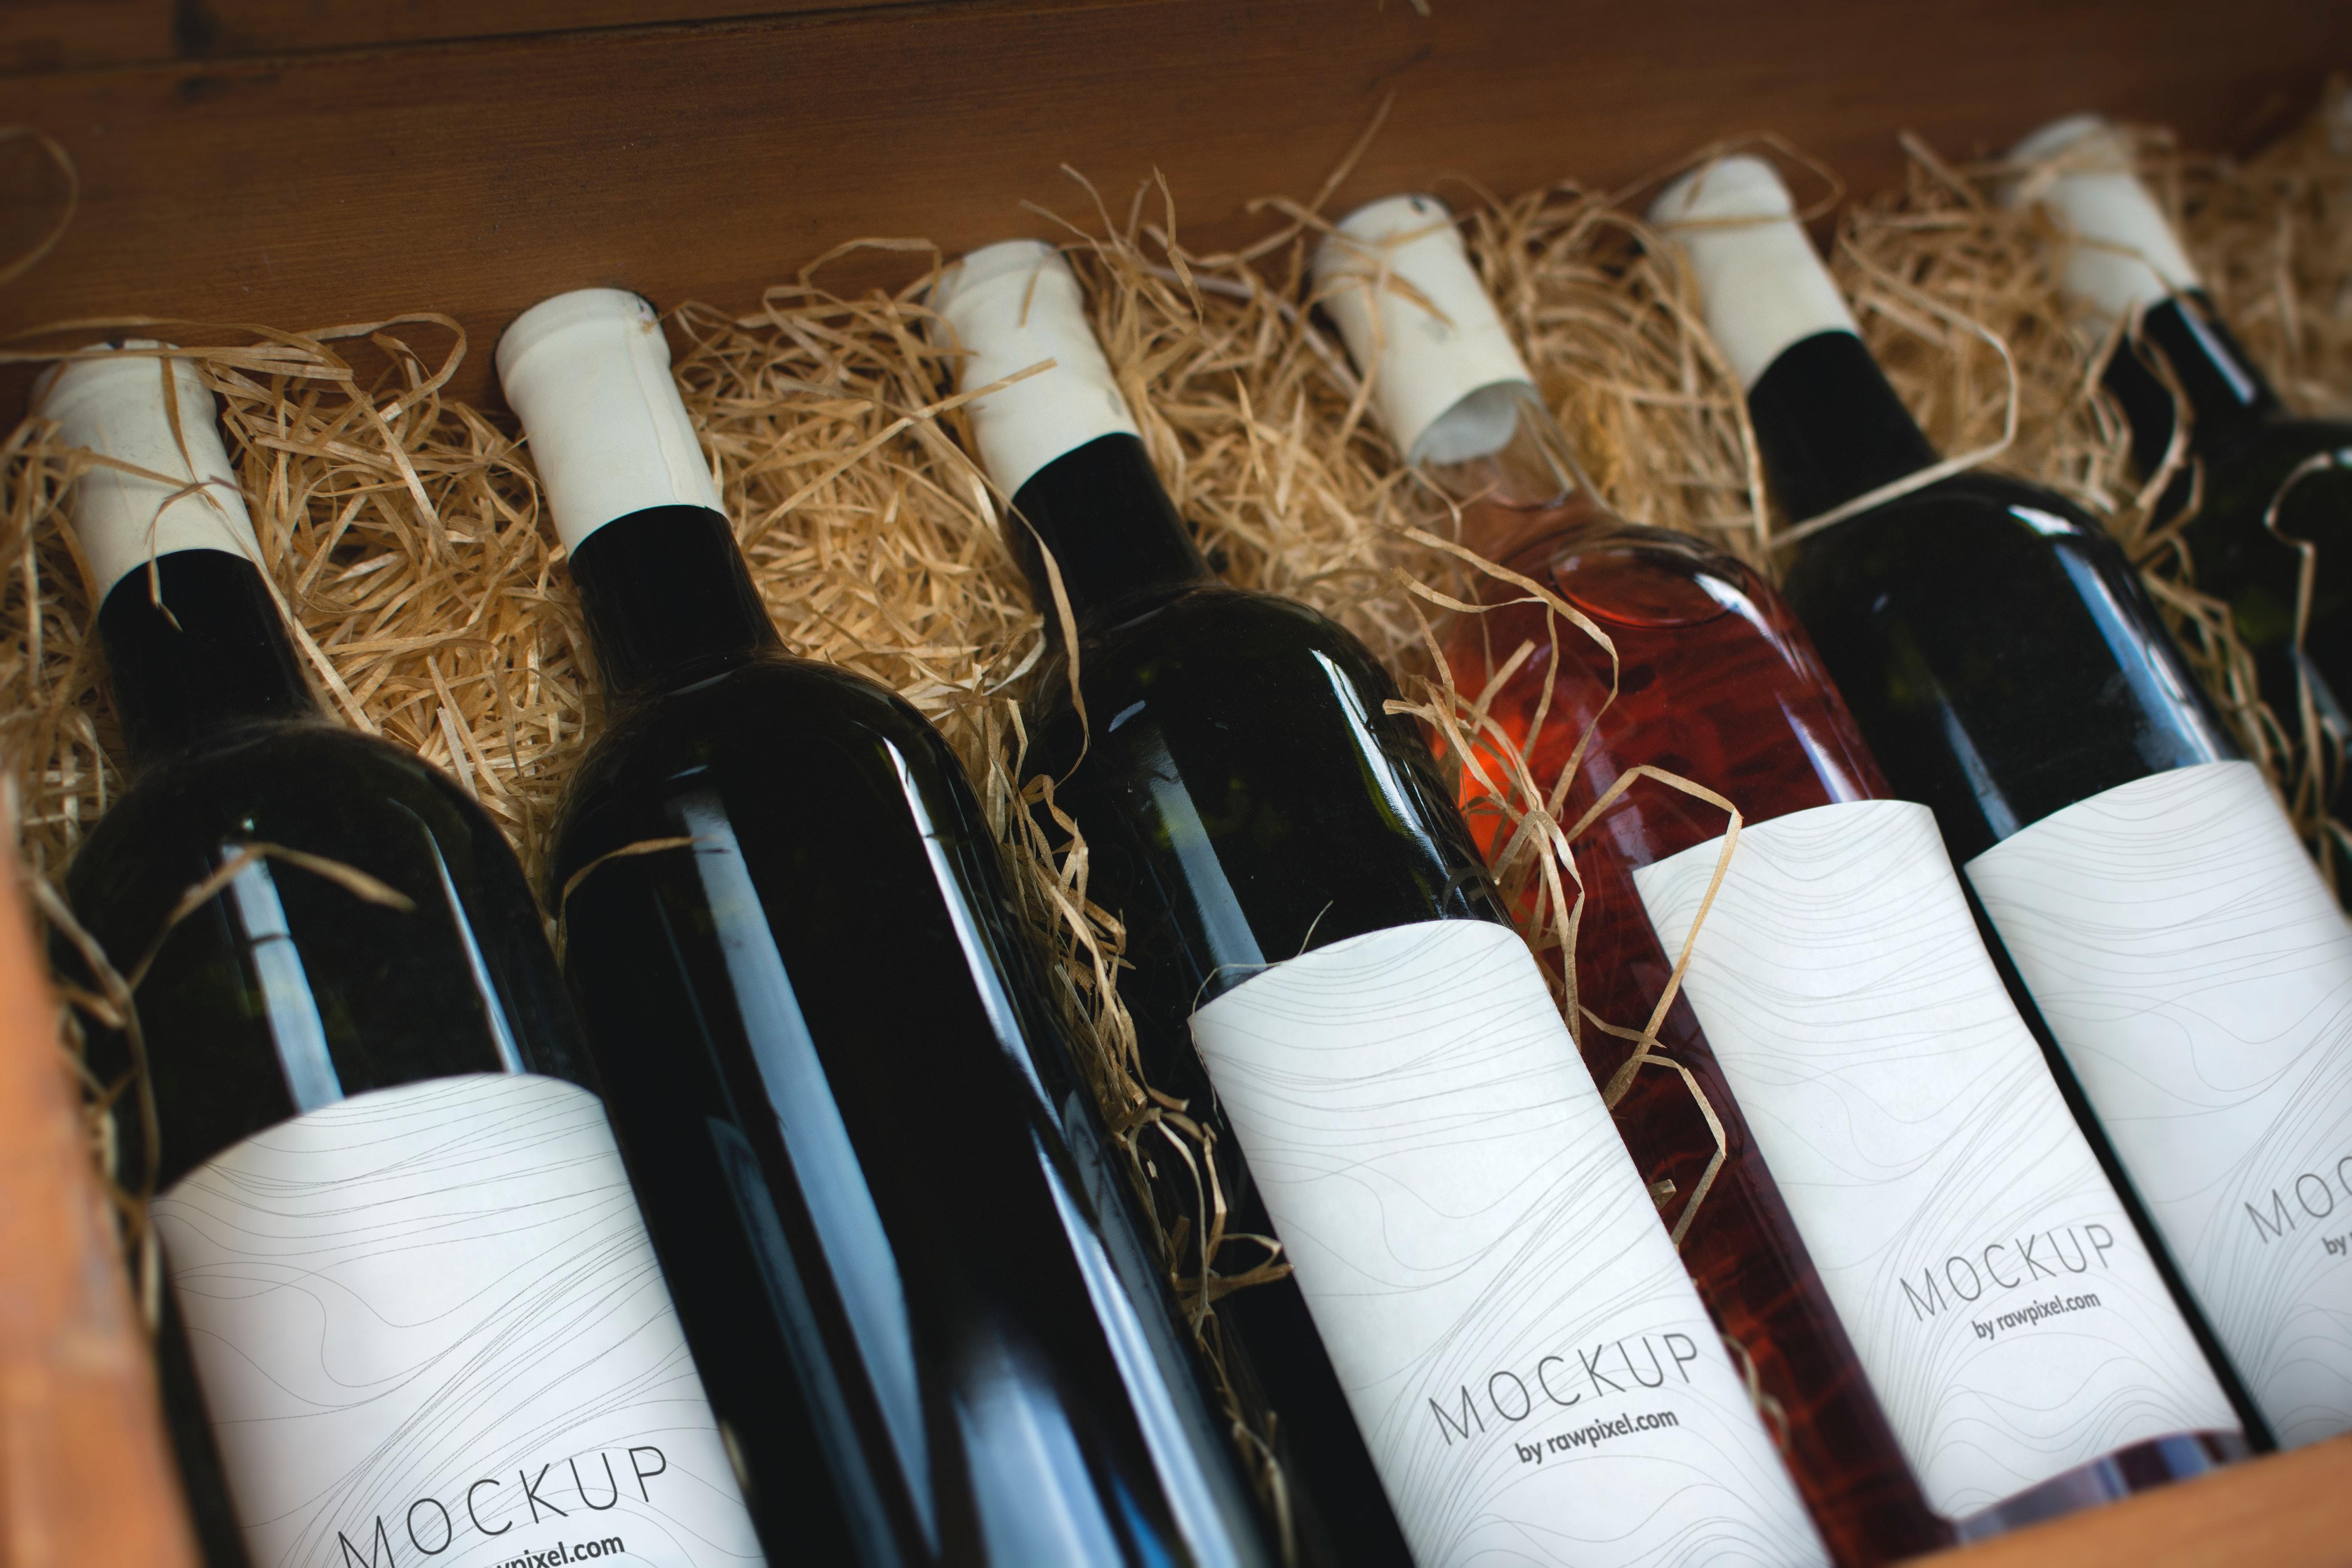 October 2019 Meeting: Red Wine Tasting